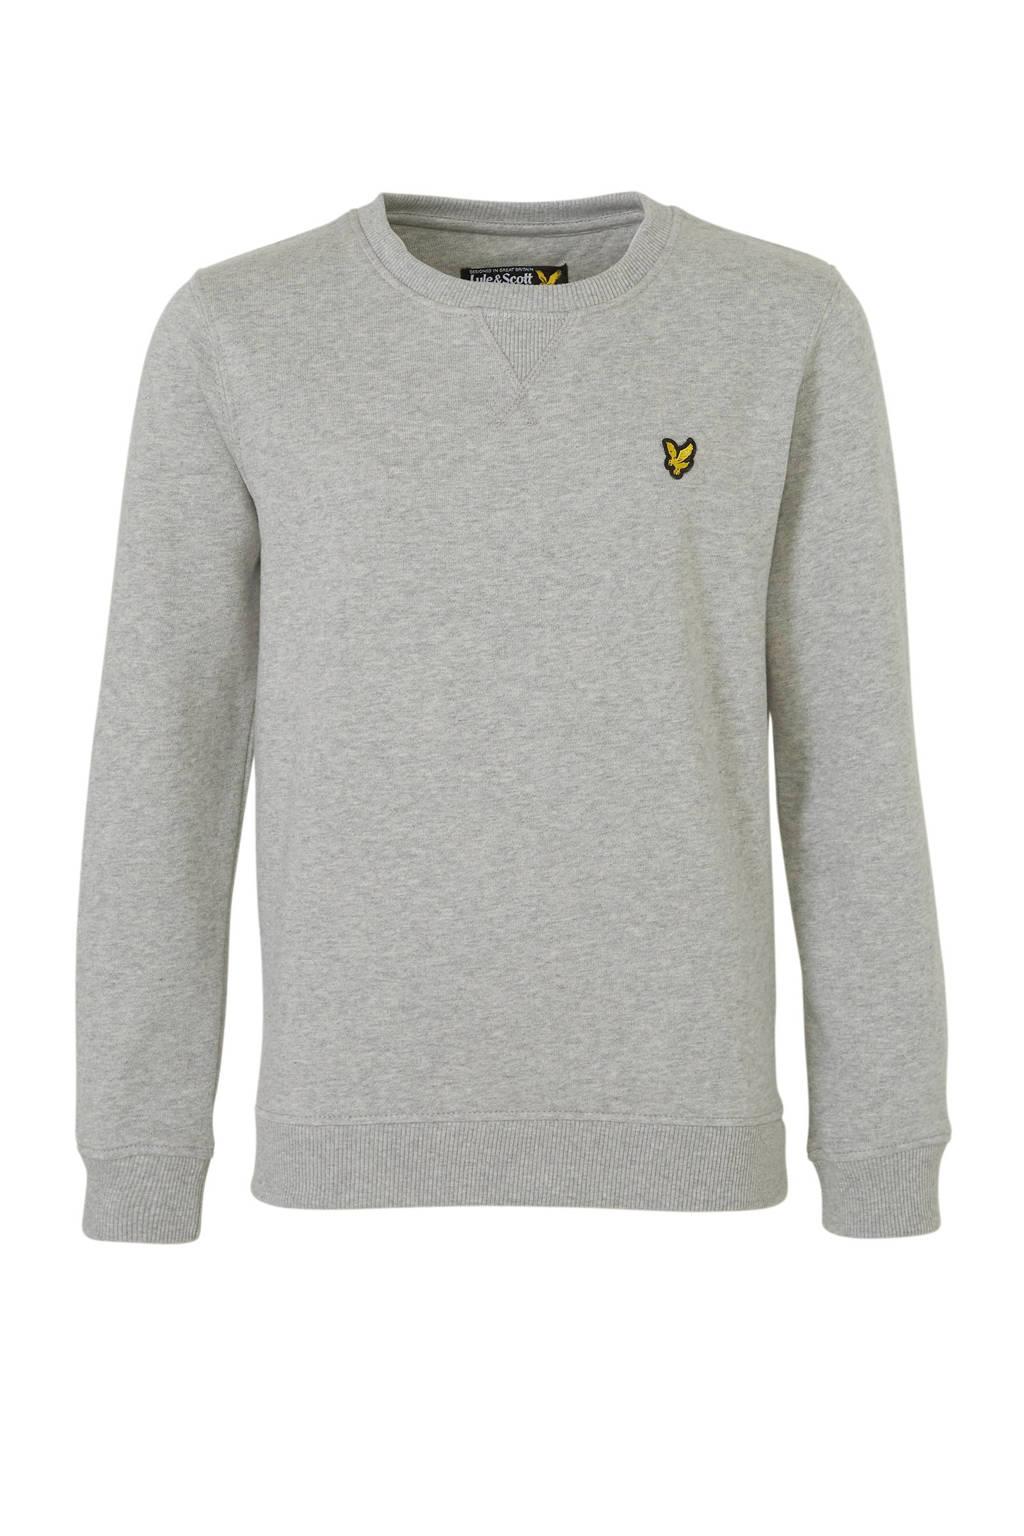 Lyle & Scott sweater met borduursels grijs, Grijs